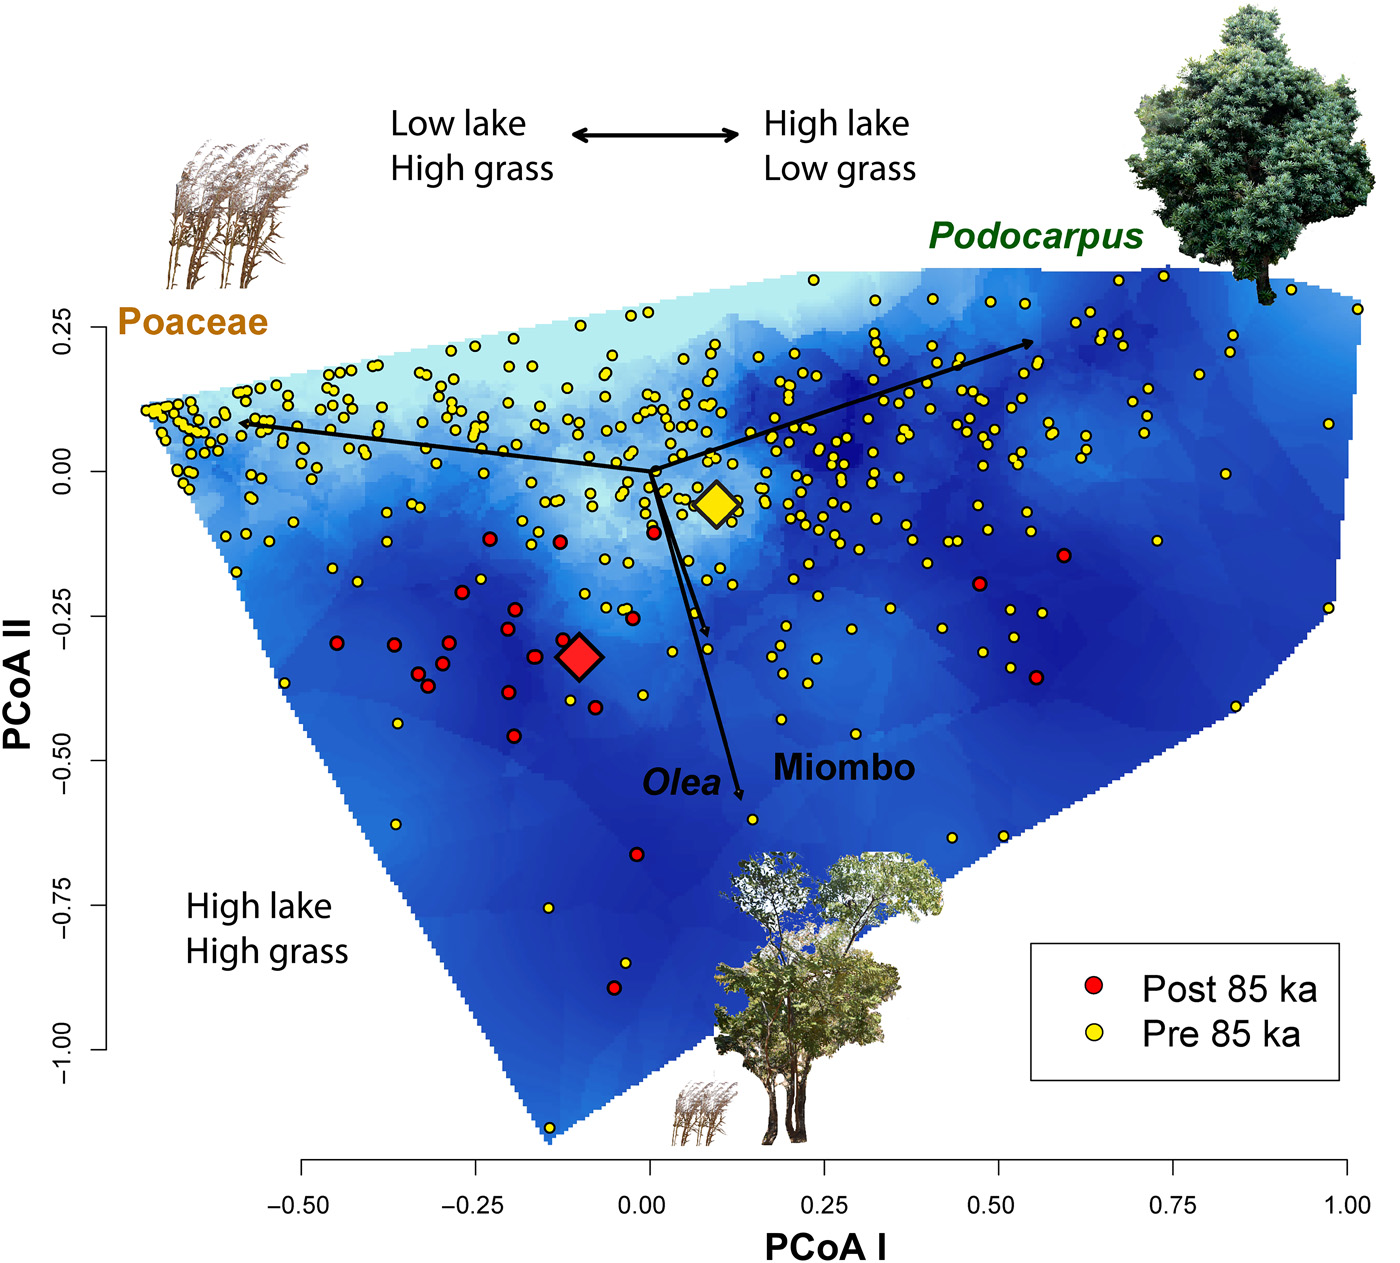 非洲东部马拉维湖北岸的考古证据表明古人类用火改变整个生态系统